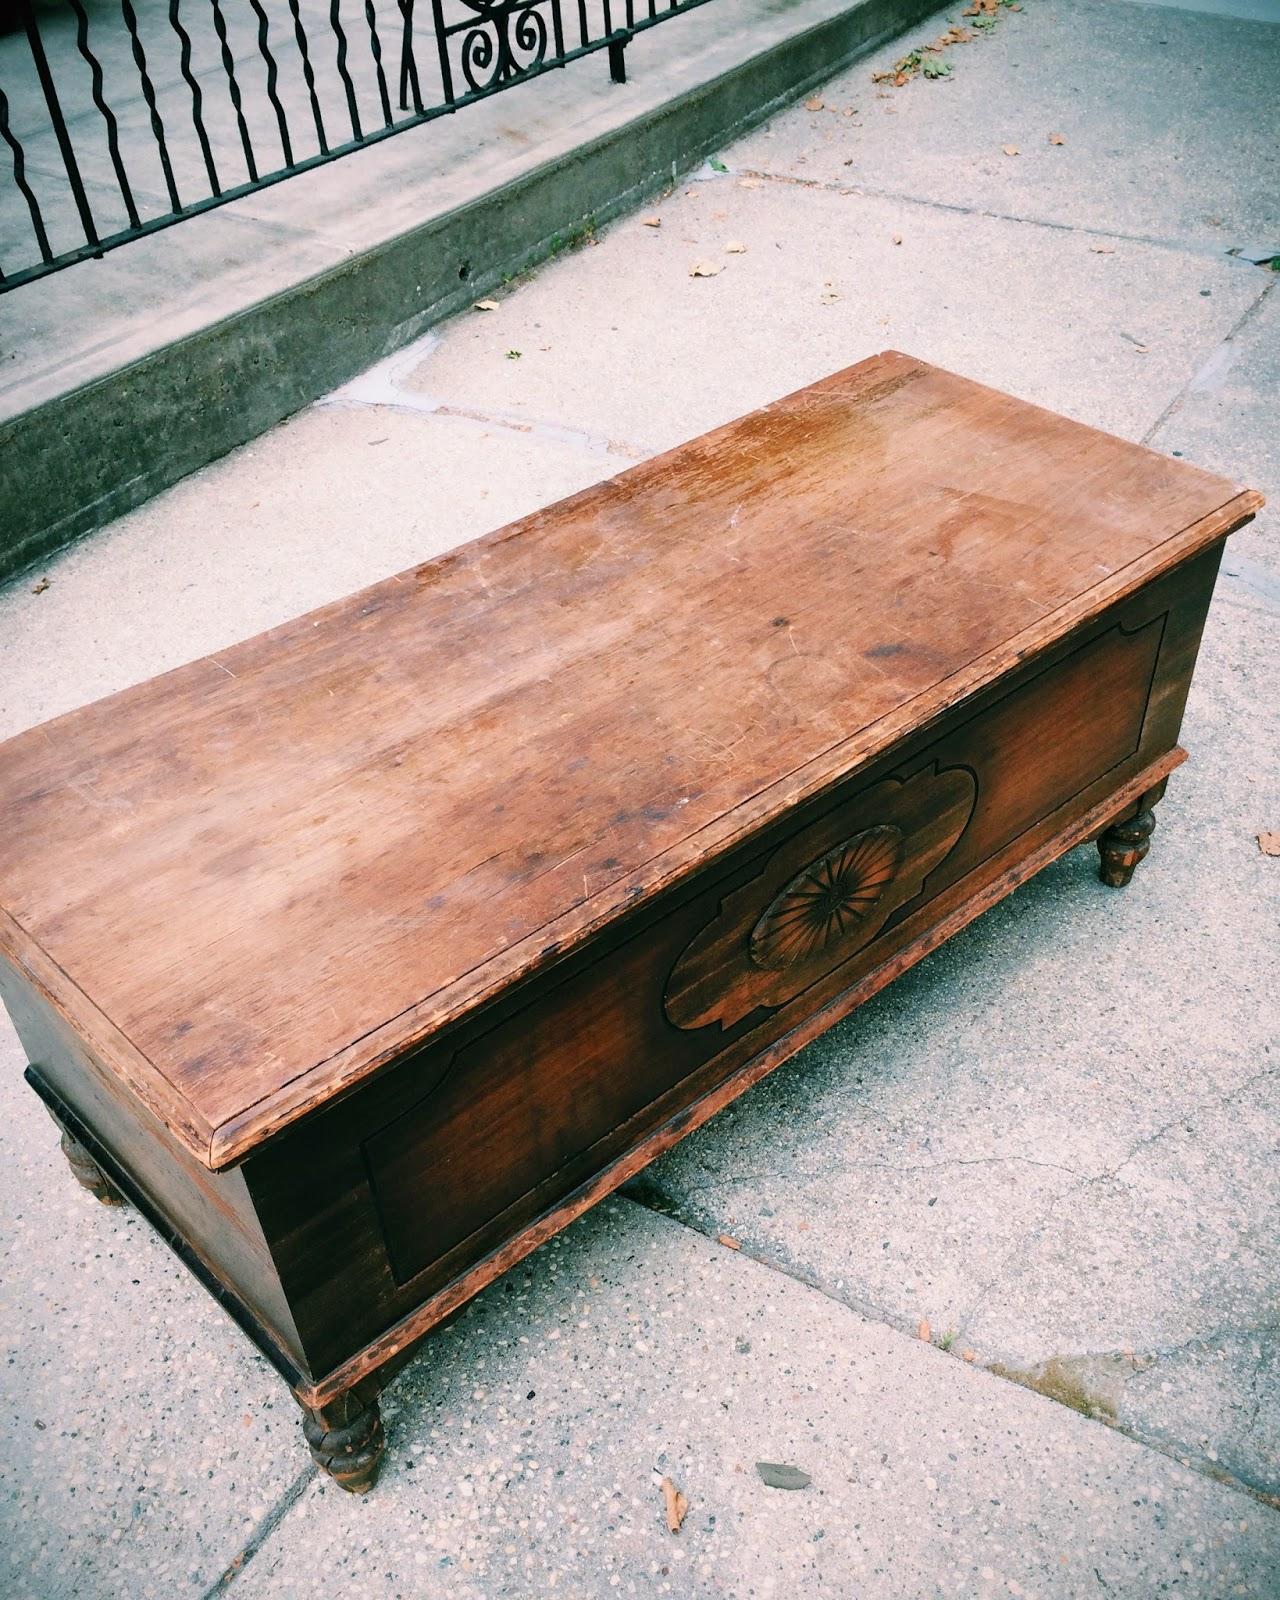 curbside find | www.brooklynlimestone.com